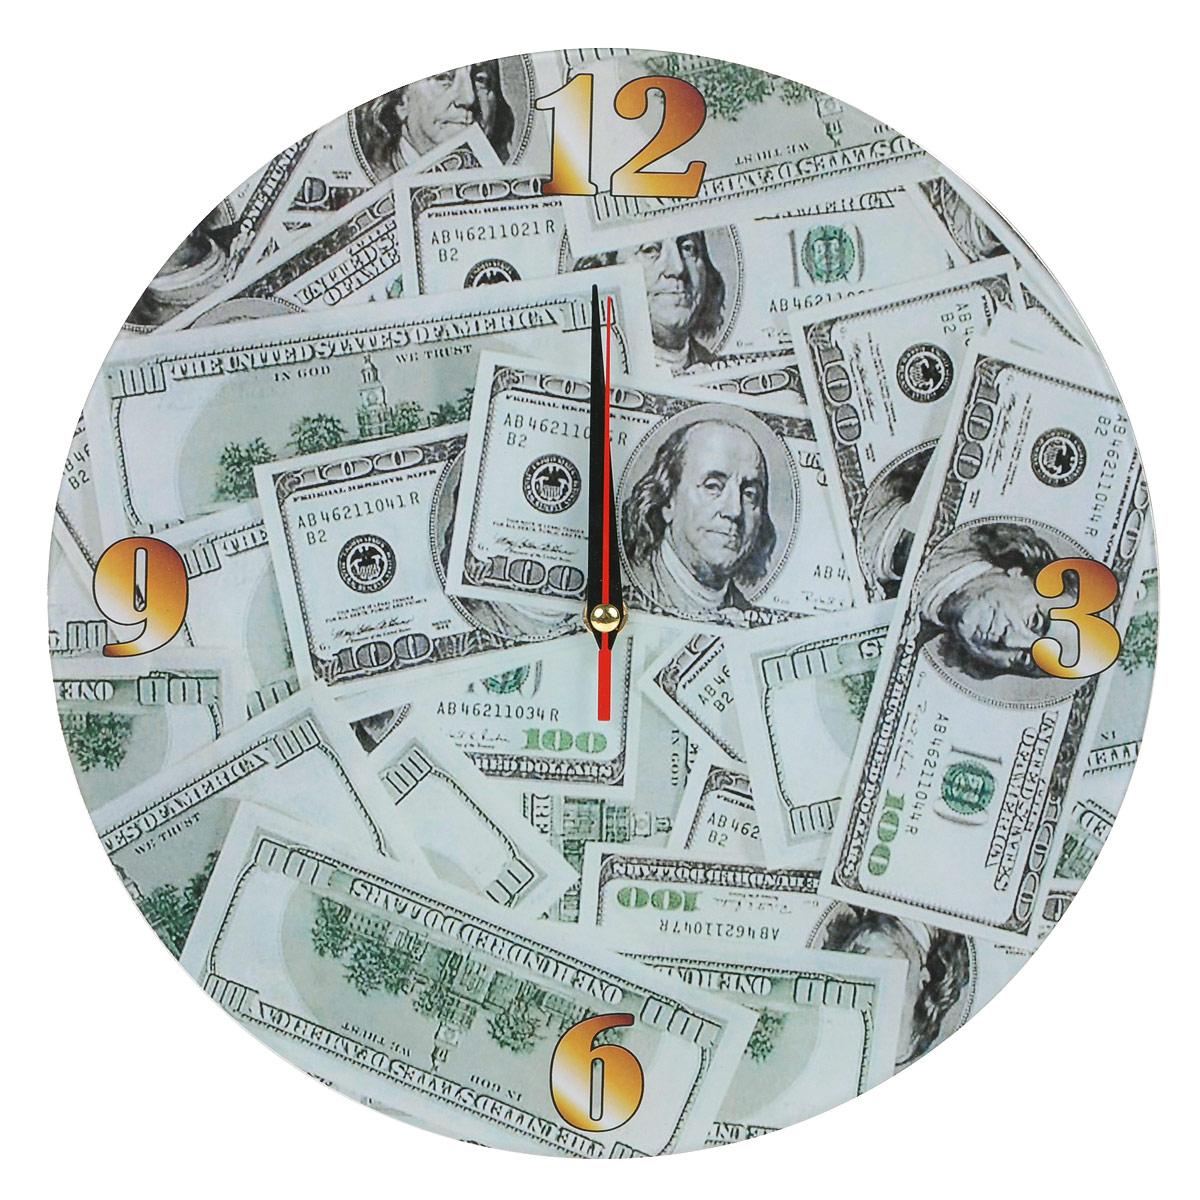 Часы настенные Доллары, стеклянные, цвет: зеленый. 95305300164_черный, кошкиОригинальные настенные часы Доллары круглой формы выполнены из стекла и оформлены изображением долларов. Часы имеют три стрелки - часовую, минутную и секундную. Циферблат часов не защищен. Необычное дизайнерское решение и качество исполнения придутся по вкусу каждому. Оформите свой дом таким интерьерным аксессуаром или преподнесите его в качестве презента друзьям, и они оценят ваш оригинальный вкус и неординарность подарка. Характеристики:Материал: пластик, стекло. Диаметр: 28 см. Работают от батарейки типа АА (в комплект не входит).